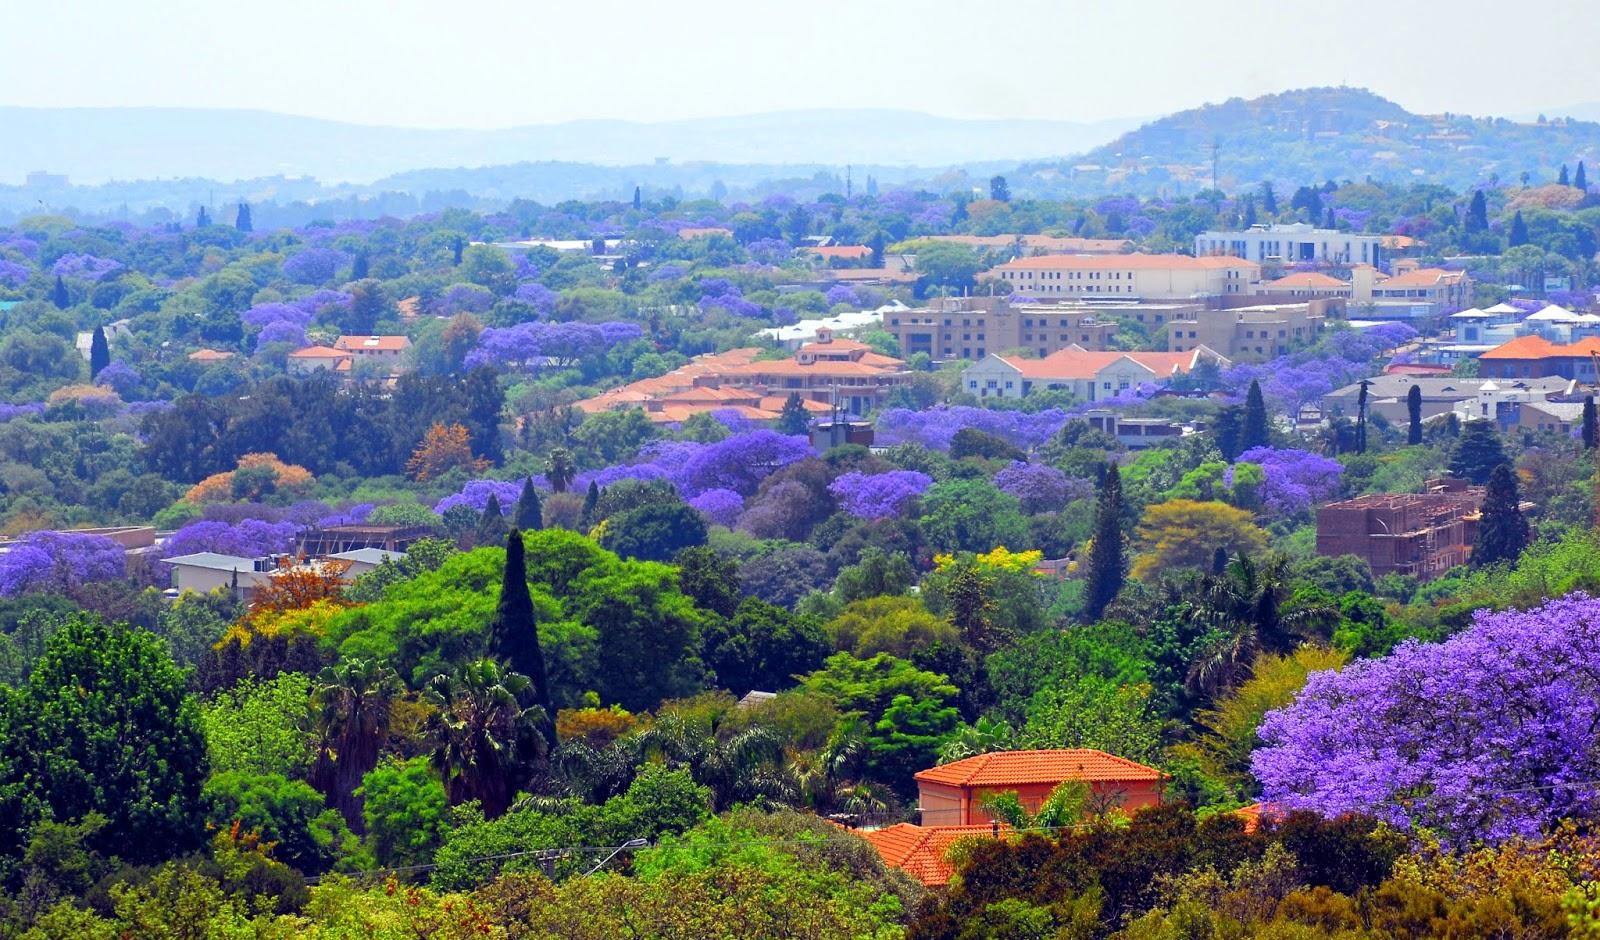 Ghé Thăm Thành Phố Hoa Phượng Tím Nổi Tiếng Của Nam Phi